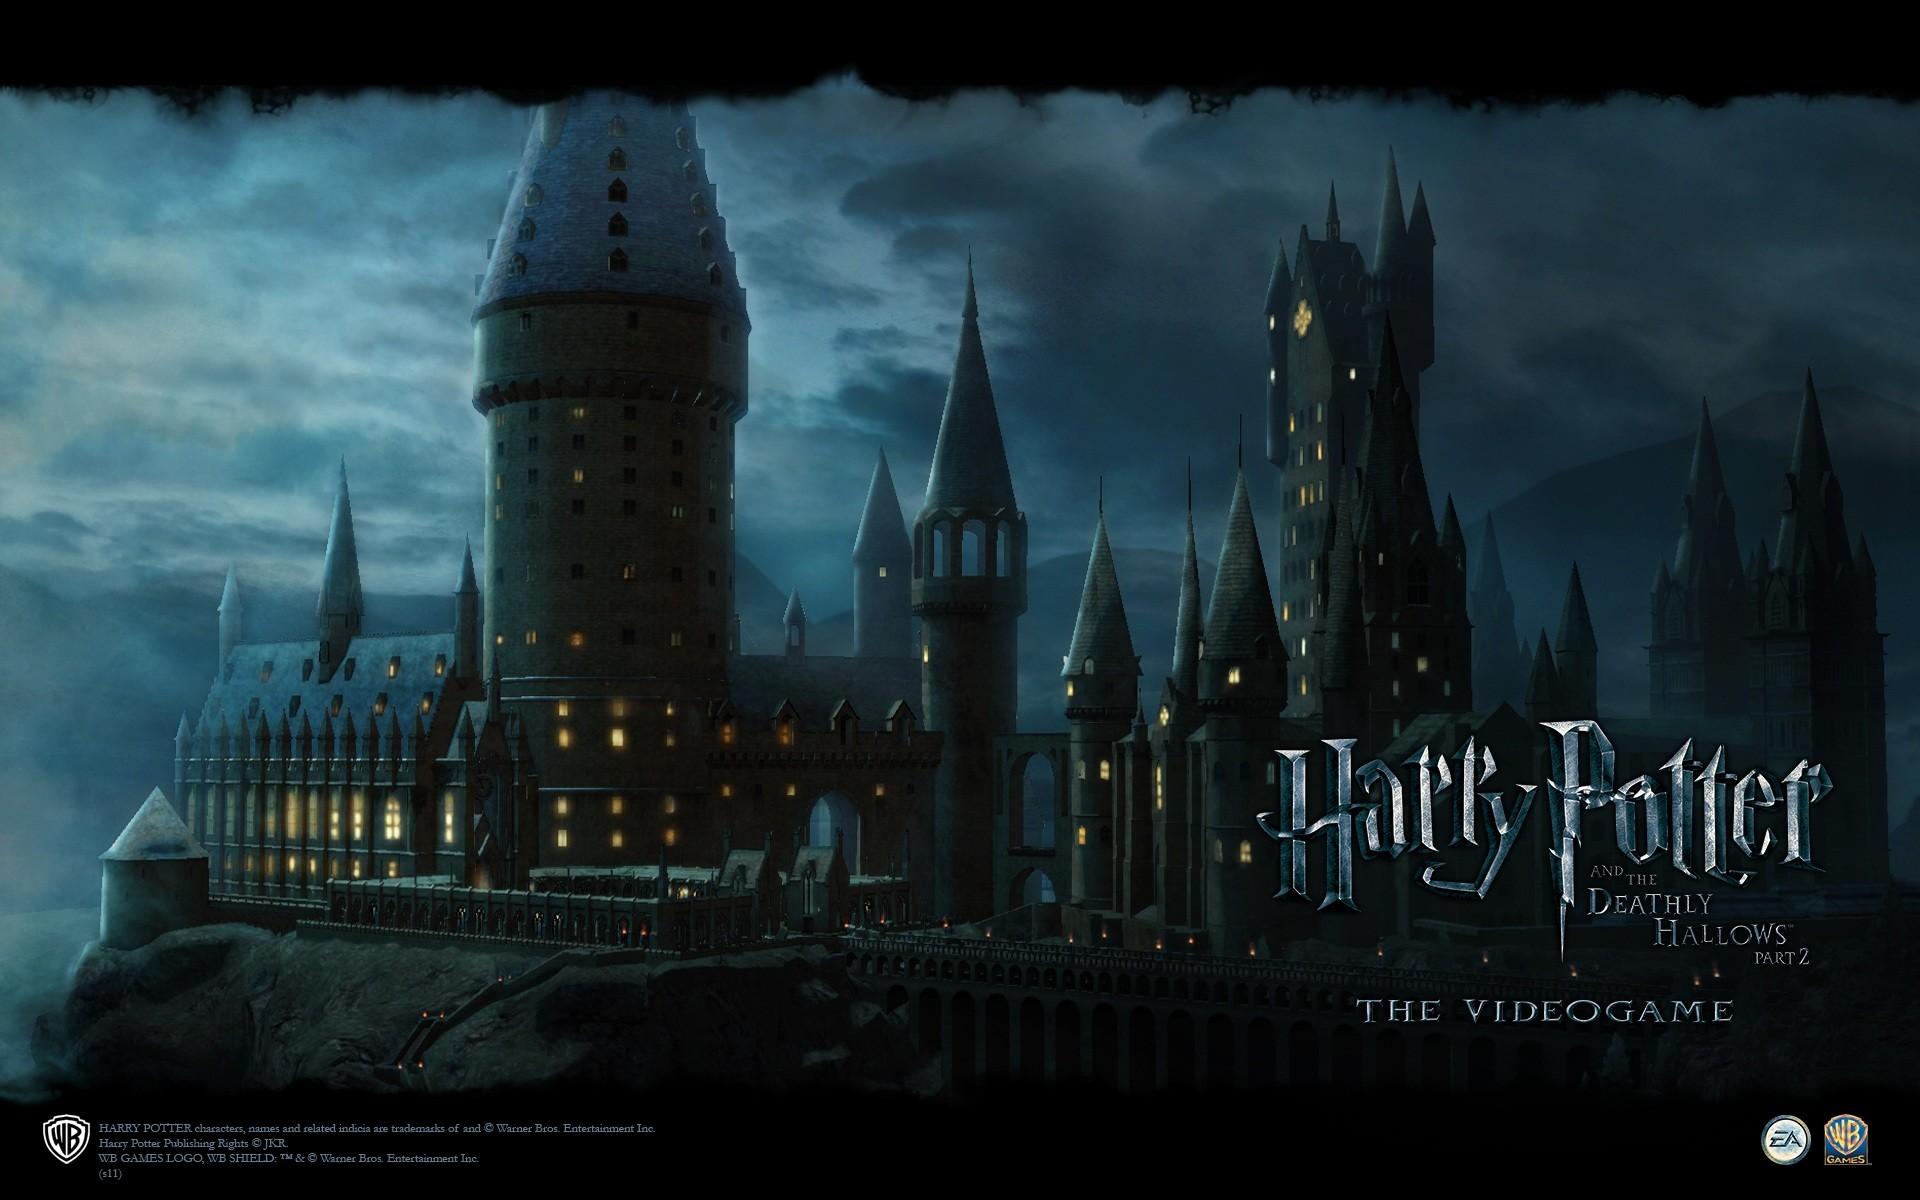 Harry Potter Gryffindor Wallpaper 64 Images